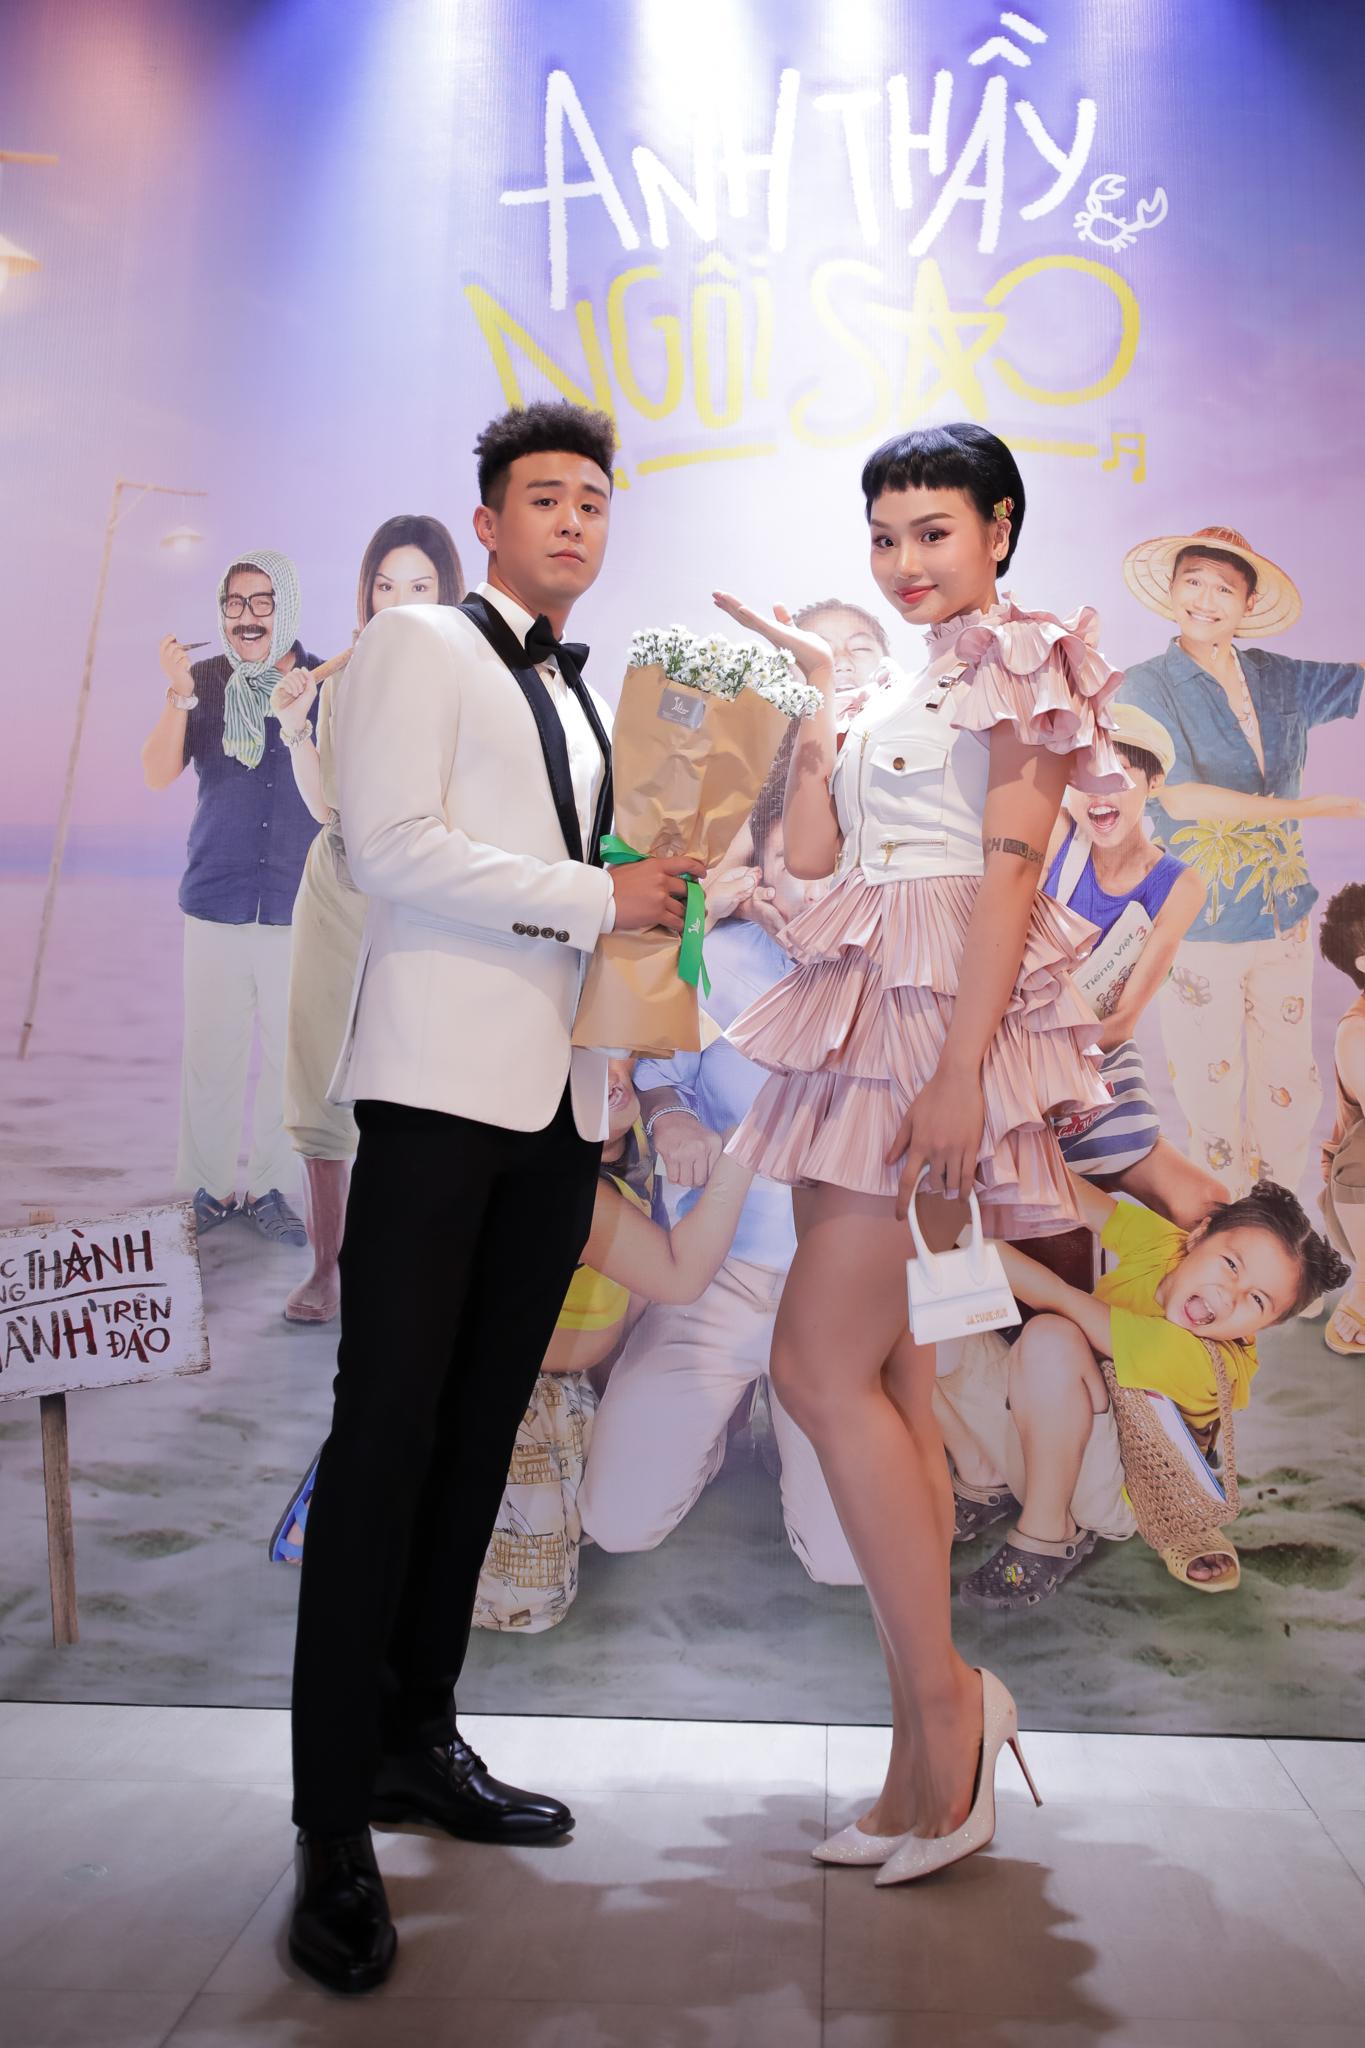 Dàn sao Việt đổ bộ đến buổi ra mắt phim mới của đạo diễn Đức Thịnh - 6